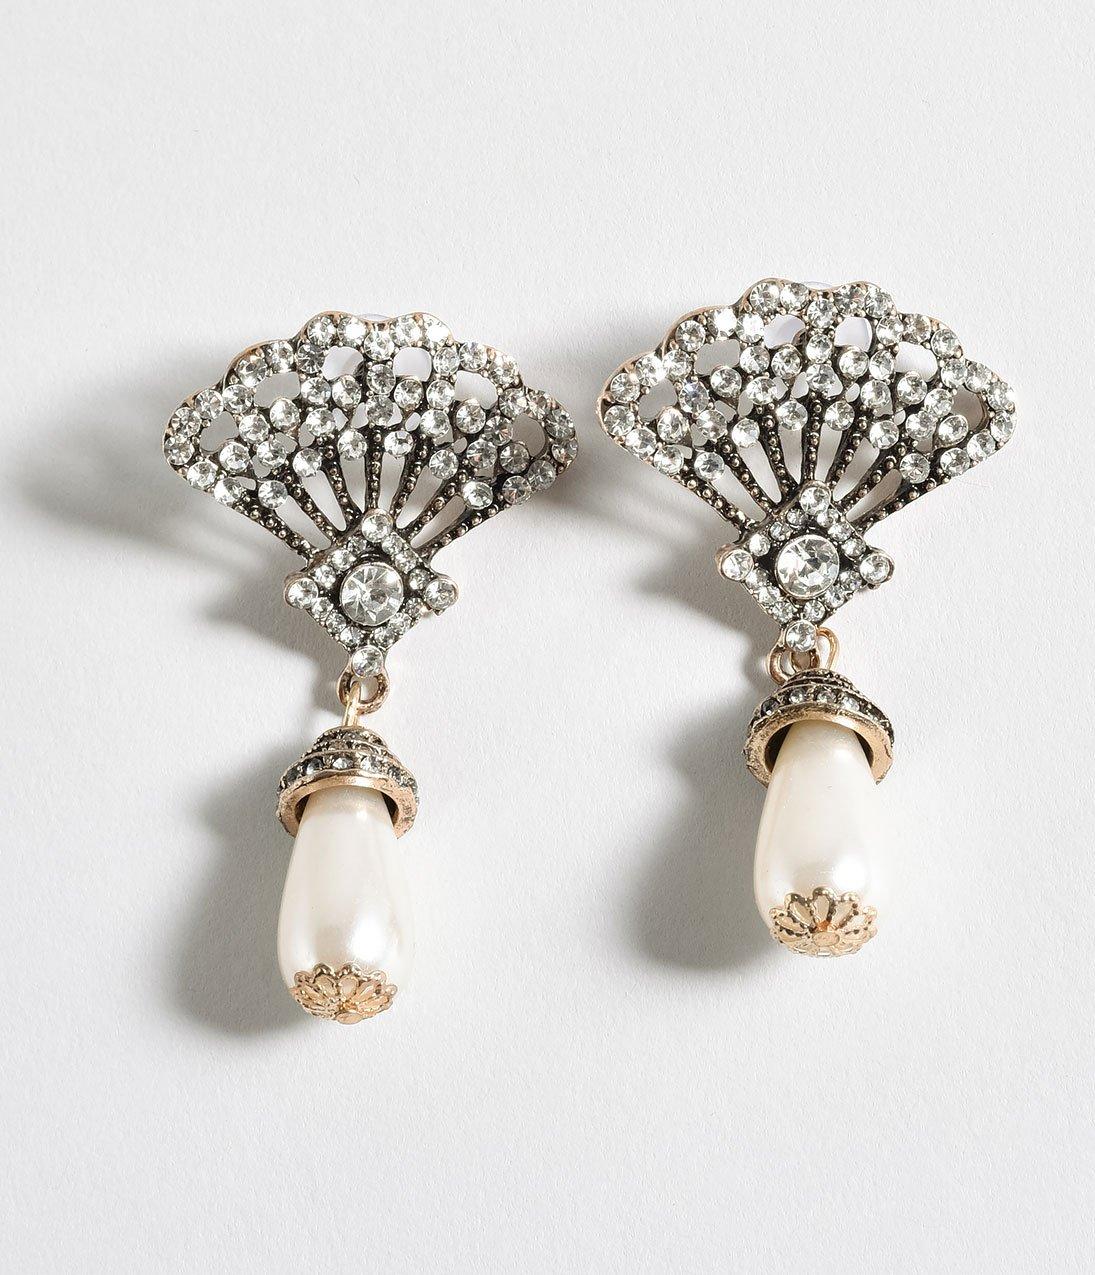 Silver_Rhinestone_Fan_Ivory_Pearl_Drop_Earrings_4_2048x2048.jpg